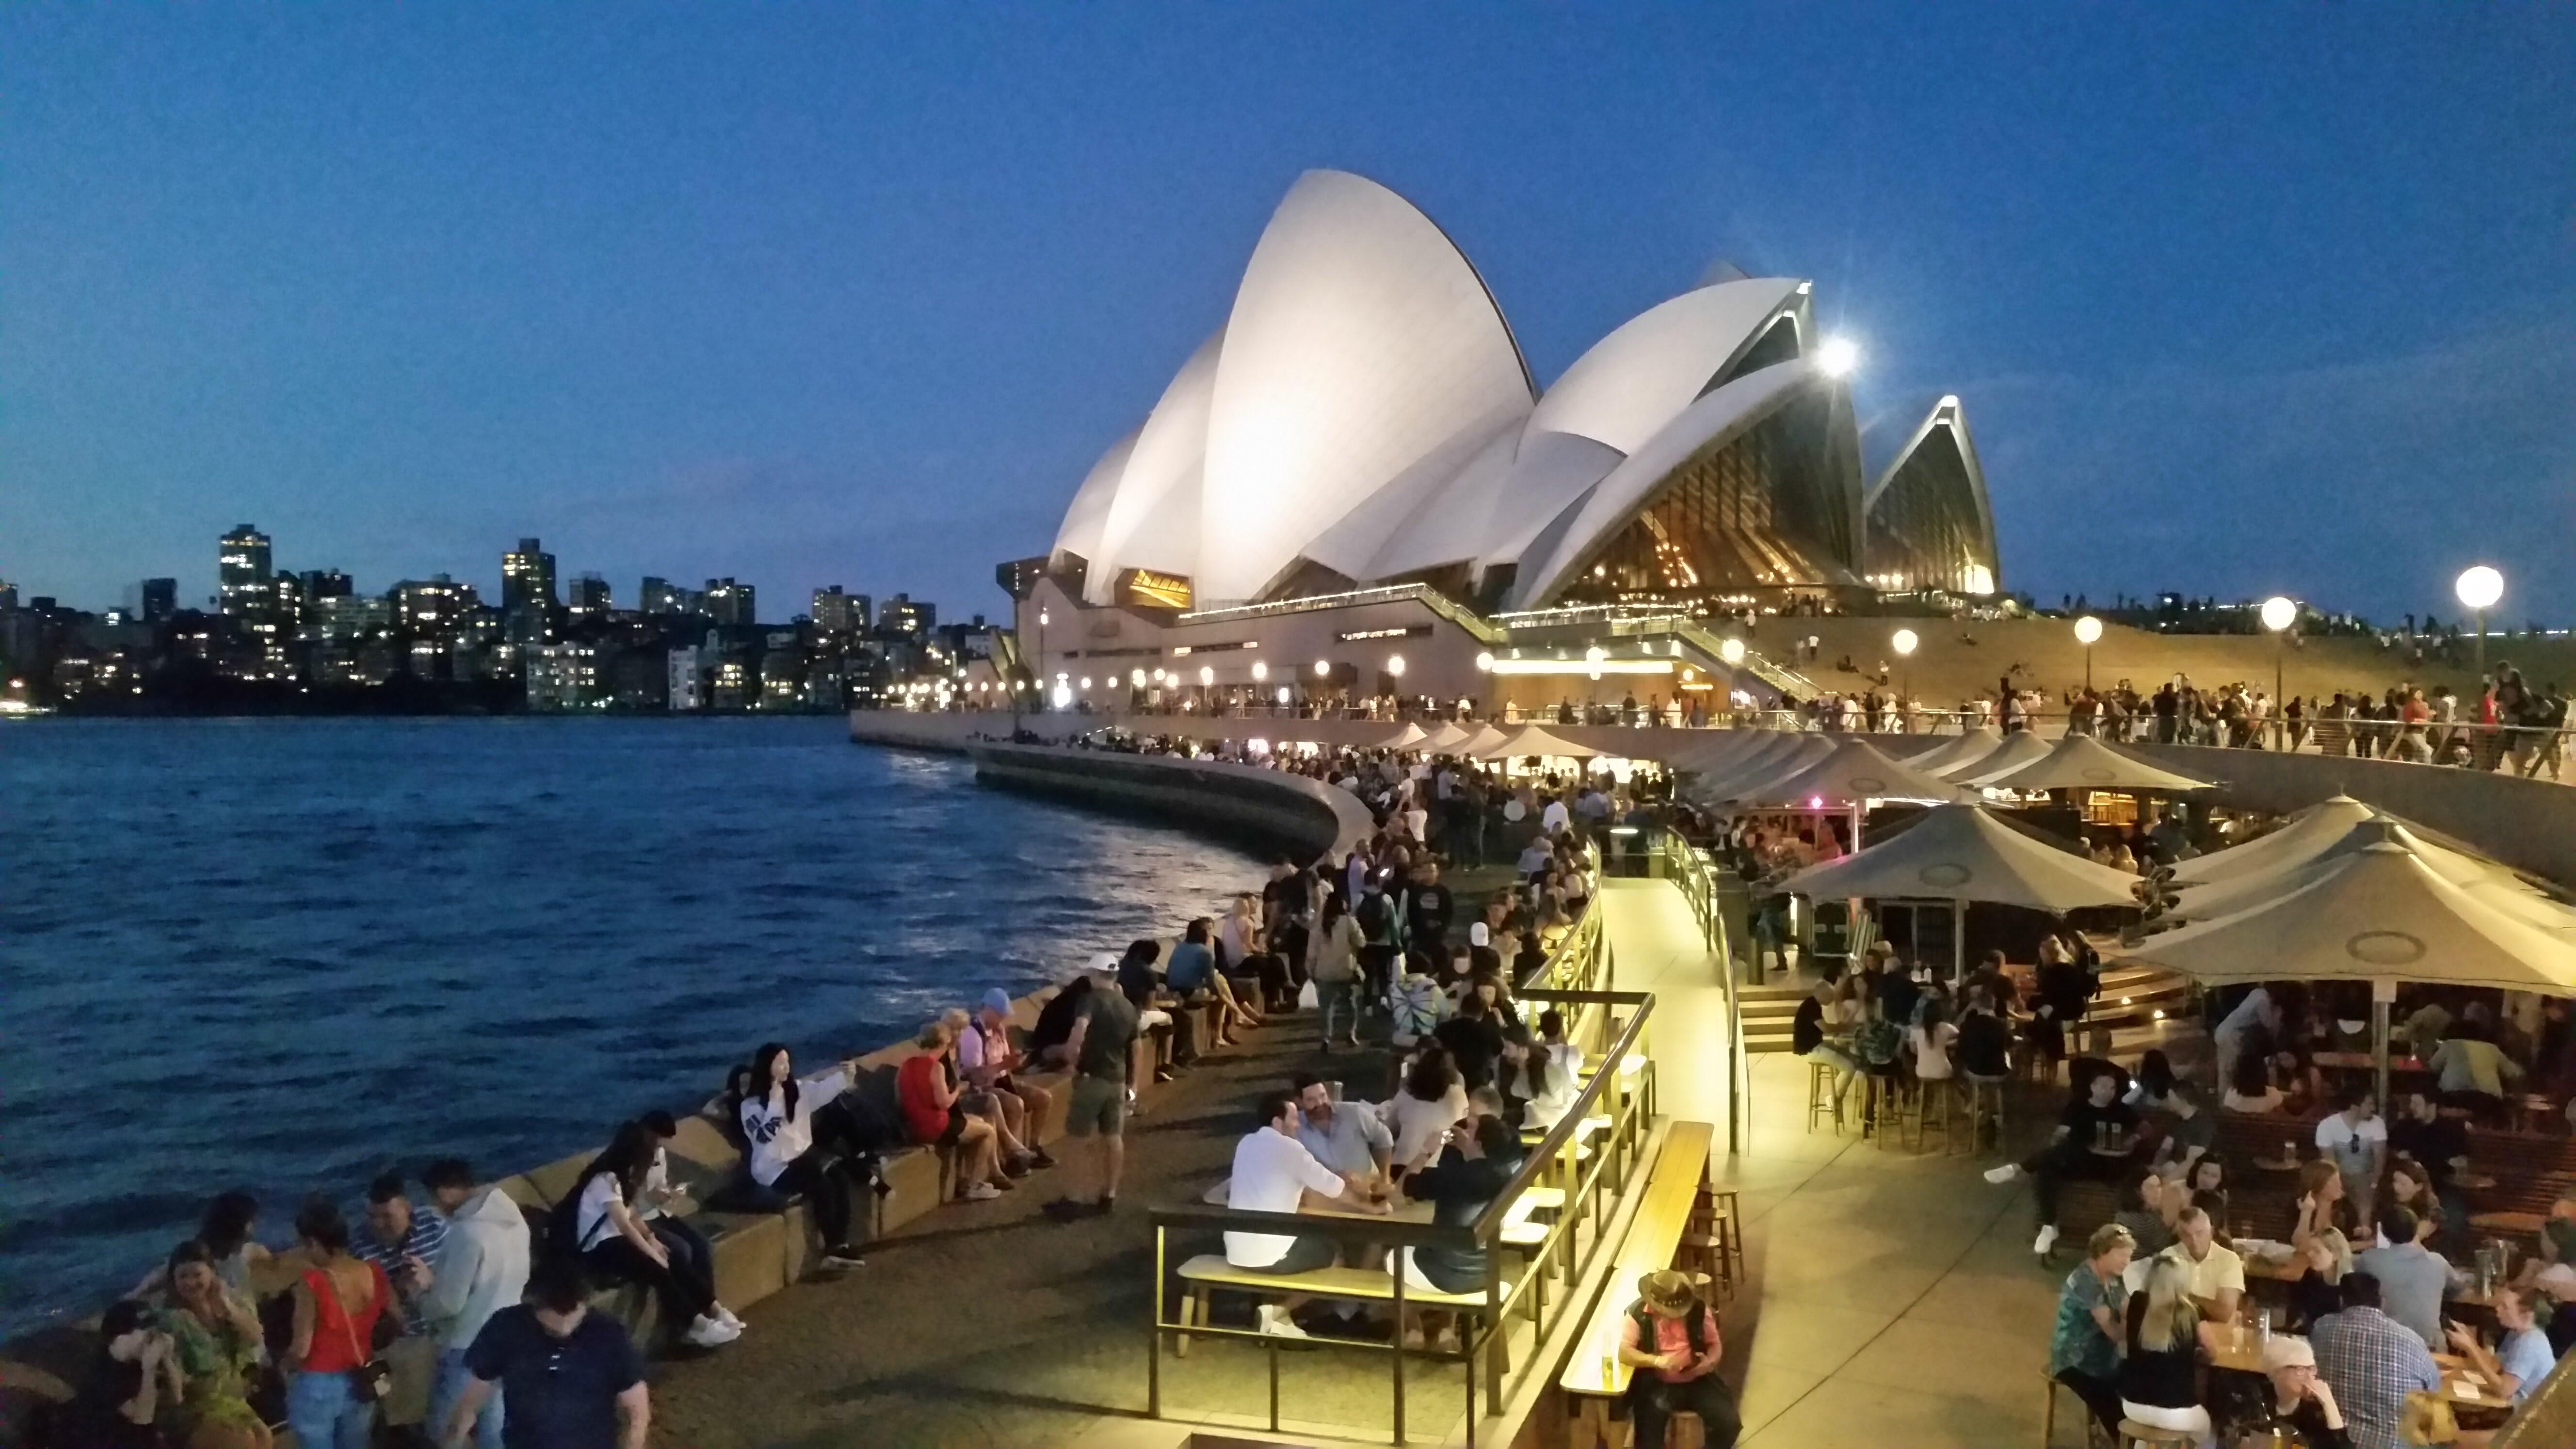 世界文化遺産 シドニーオペラハウスを楽しみ尽くそう!